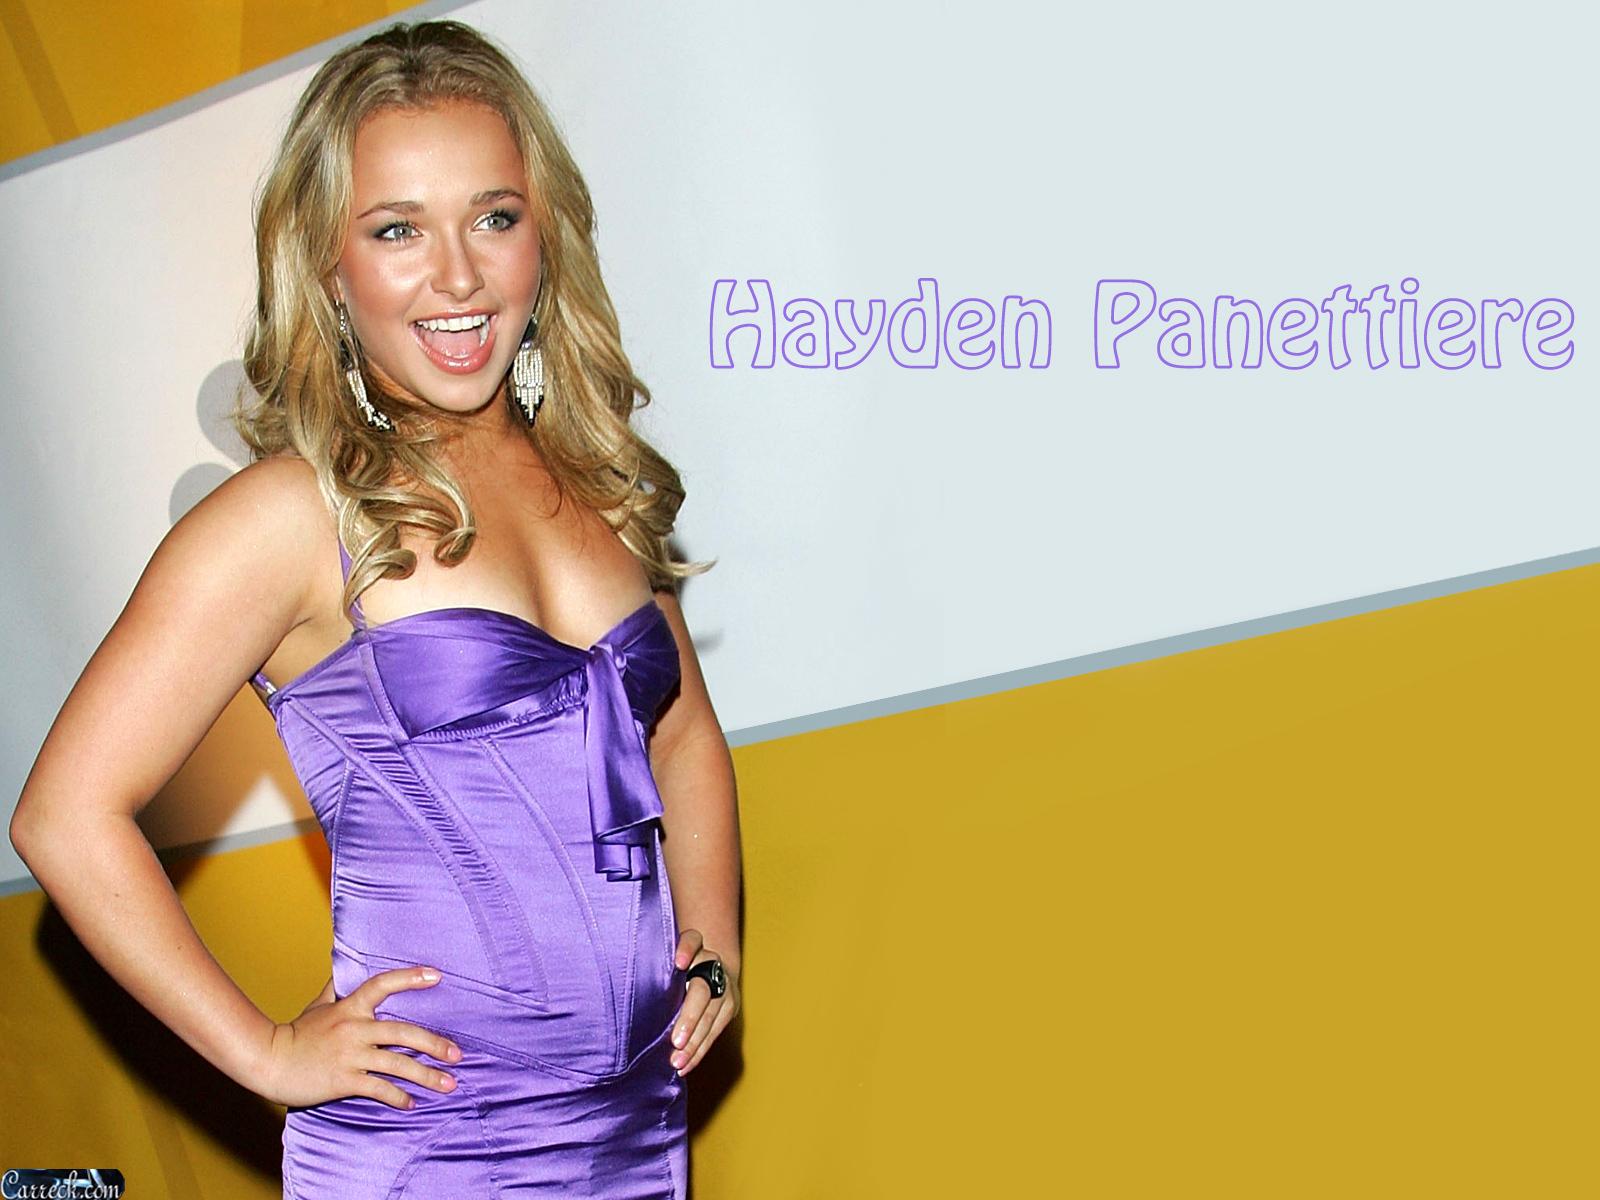 Hayden Panettiere - Hayden Panettiere Wallpaper (20917126) - Fanpop